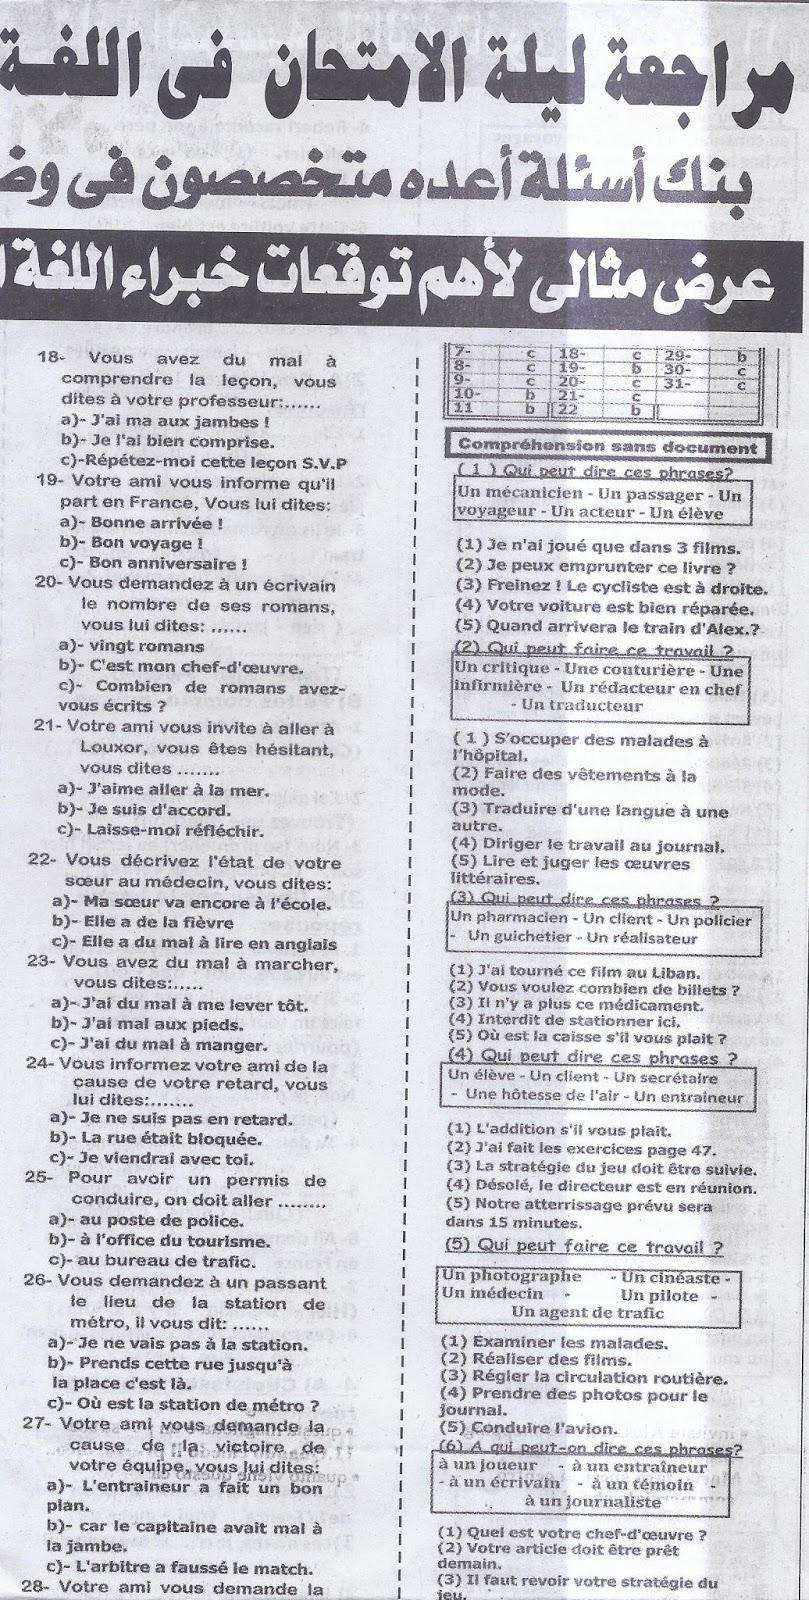 اهم أسئلة اللغة الفرنسية بالاجابات لن يخلو منها امتحان 3 ثانوي 2016 13